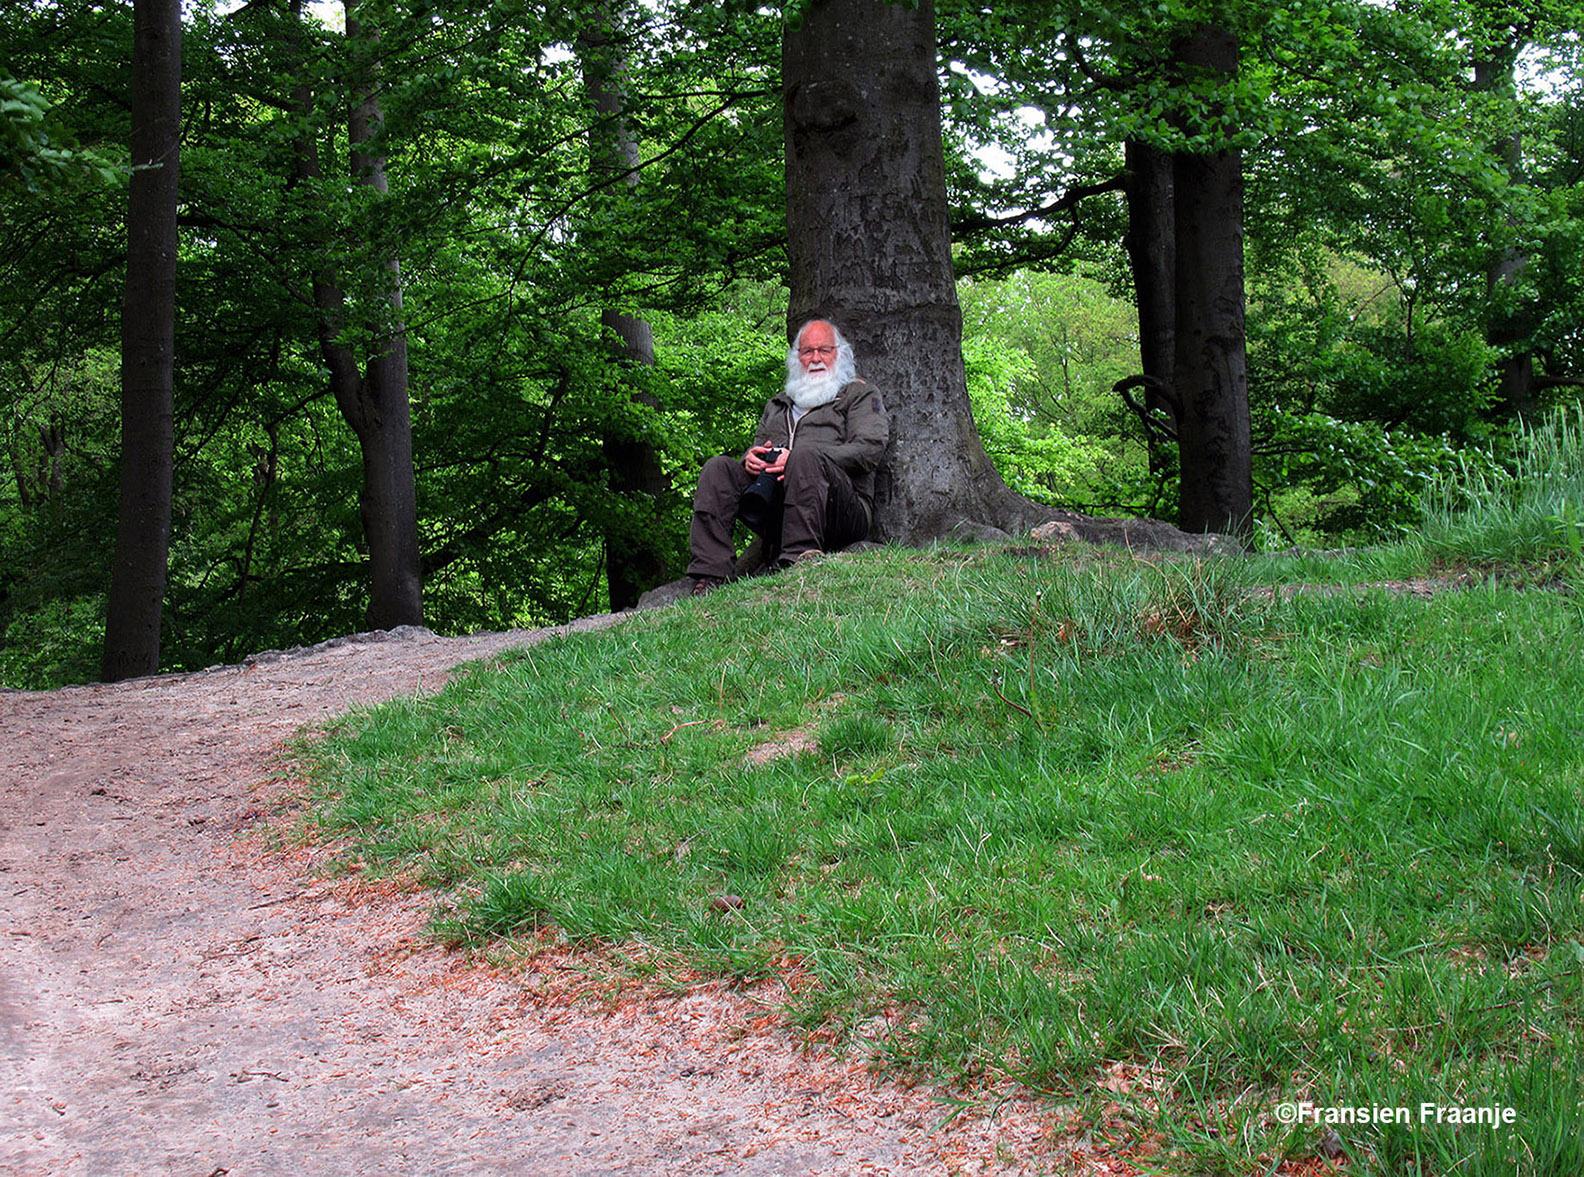 Gewoon lekker met je rug tegen zo'n oude boom zitten net als vroeger en even wegdromen - Foto: ©Fransien Fraanje